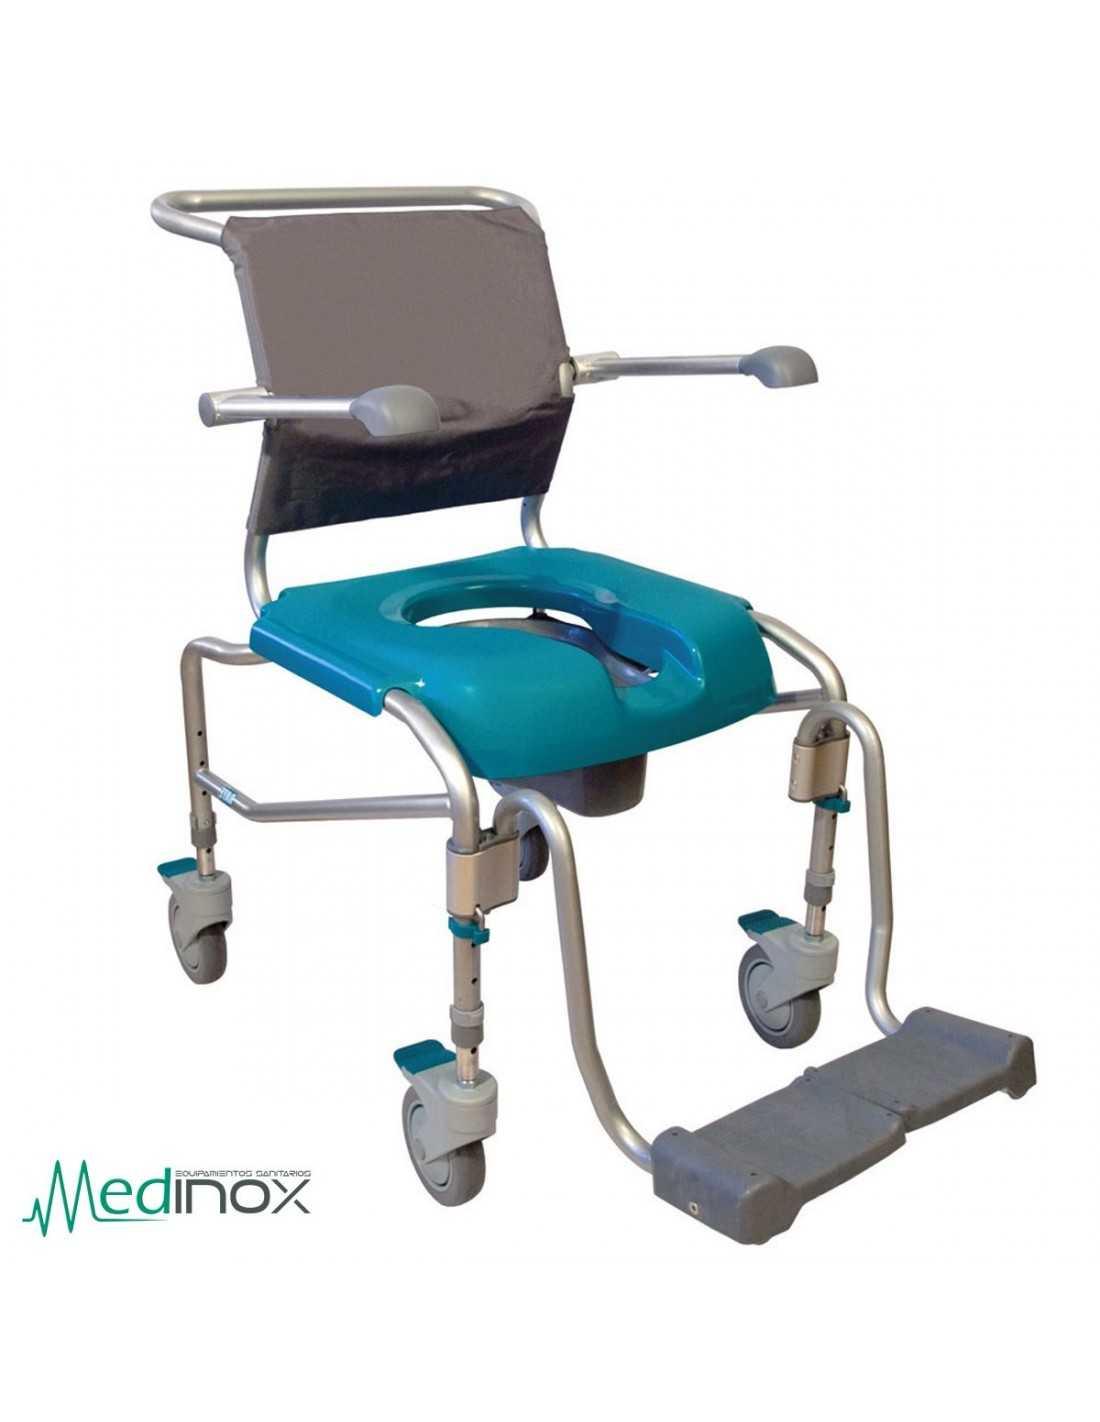 Sillas para ducha con ruedas ayad808 silla con inodoro para ba o - Silla de ducha ...